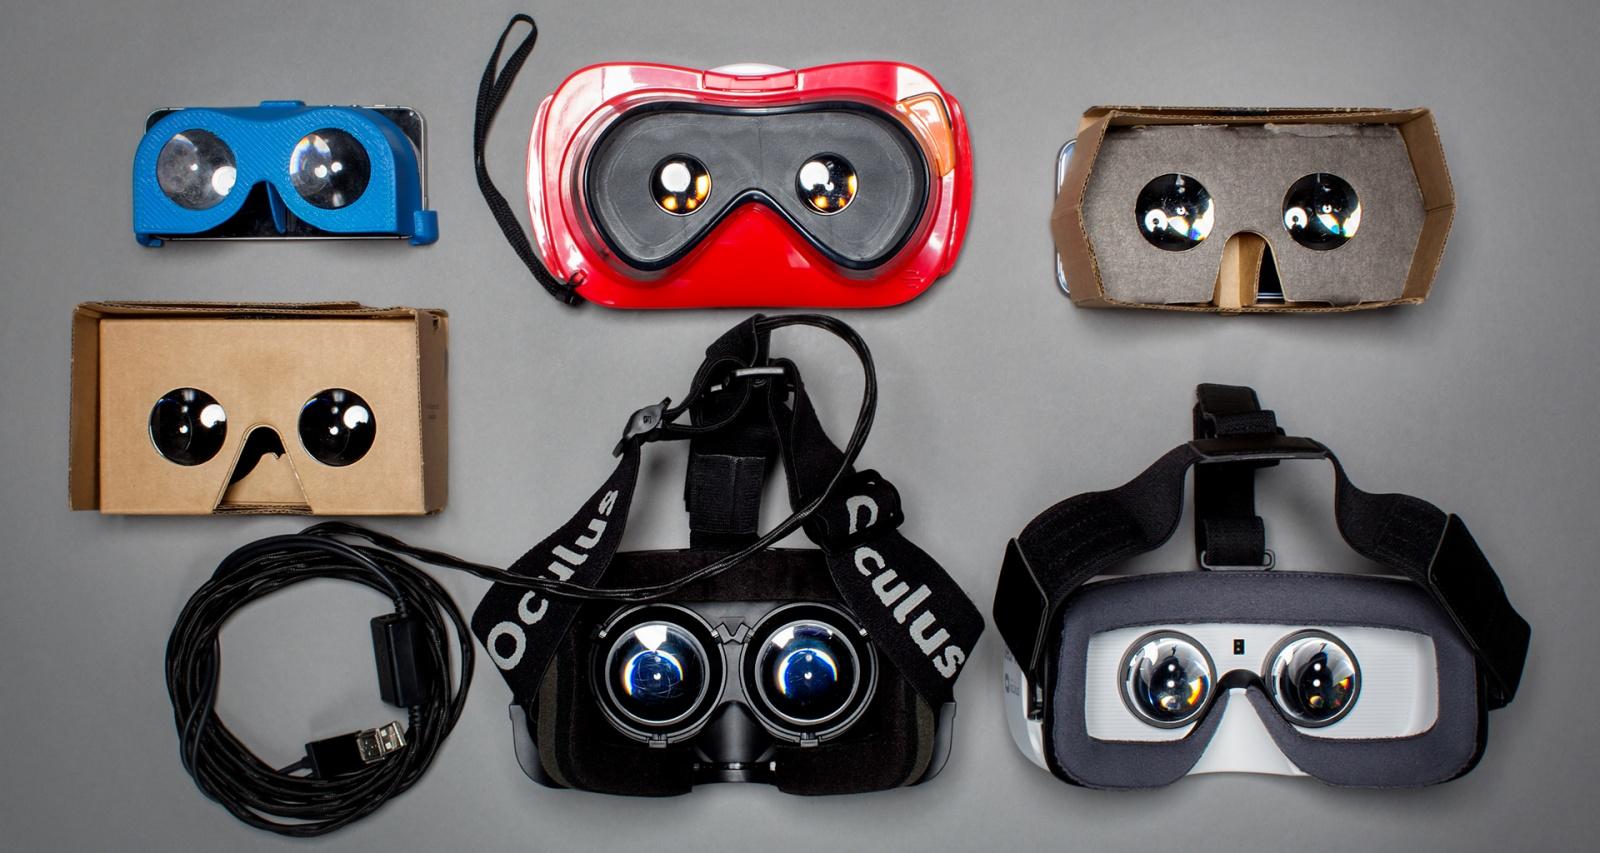 VR-AR в браузере. Как быстро влиться и сделать свое первое приложение, используя WebVR API - 4